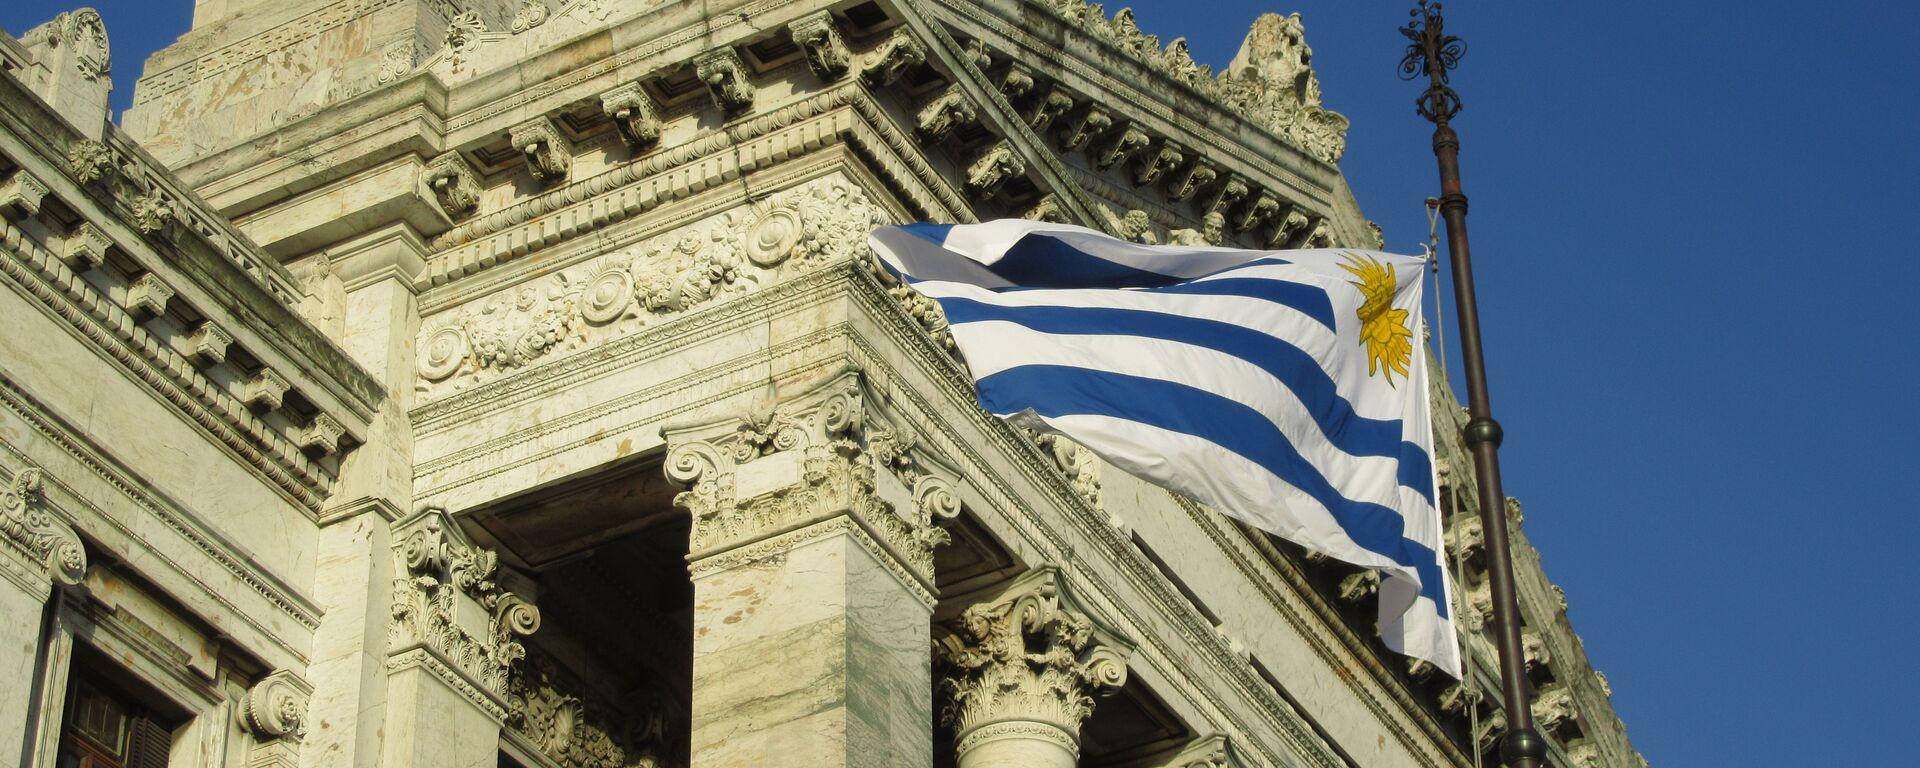 Palacio Legislativo de Uruguay - Sputnik Mundo, 1920, 01.08.2020